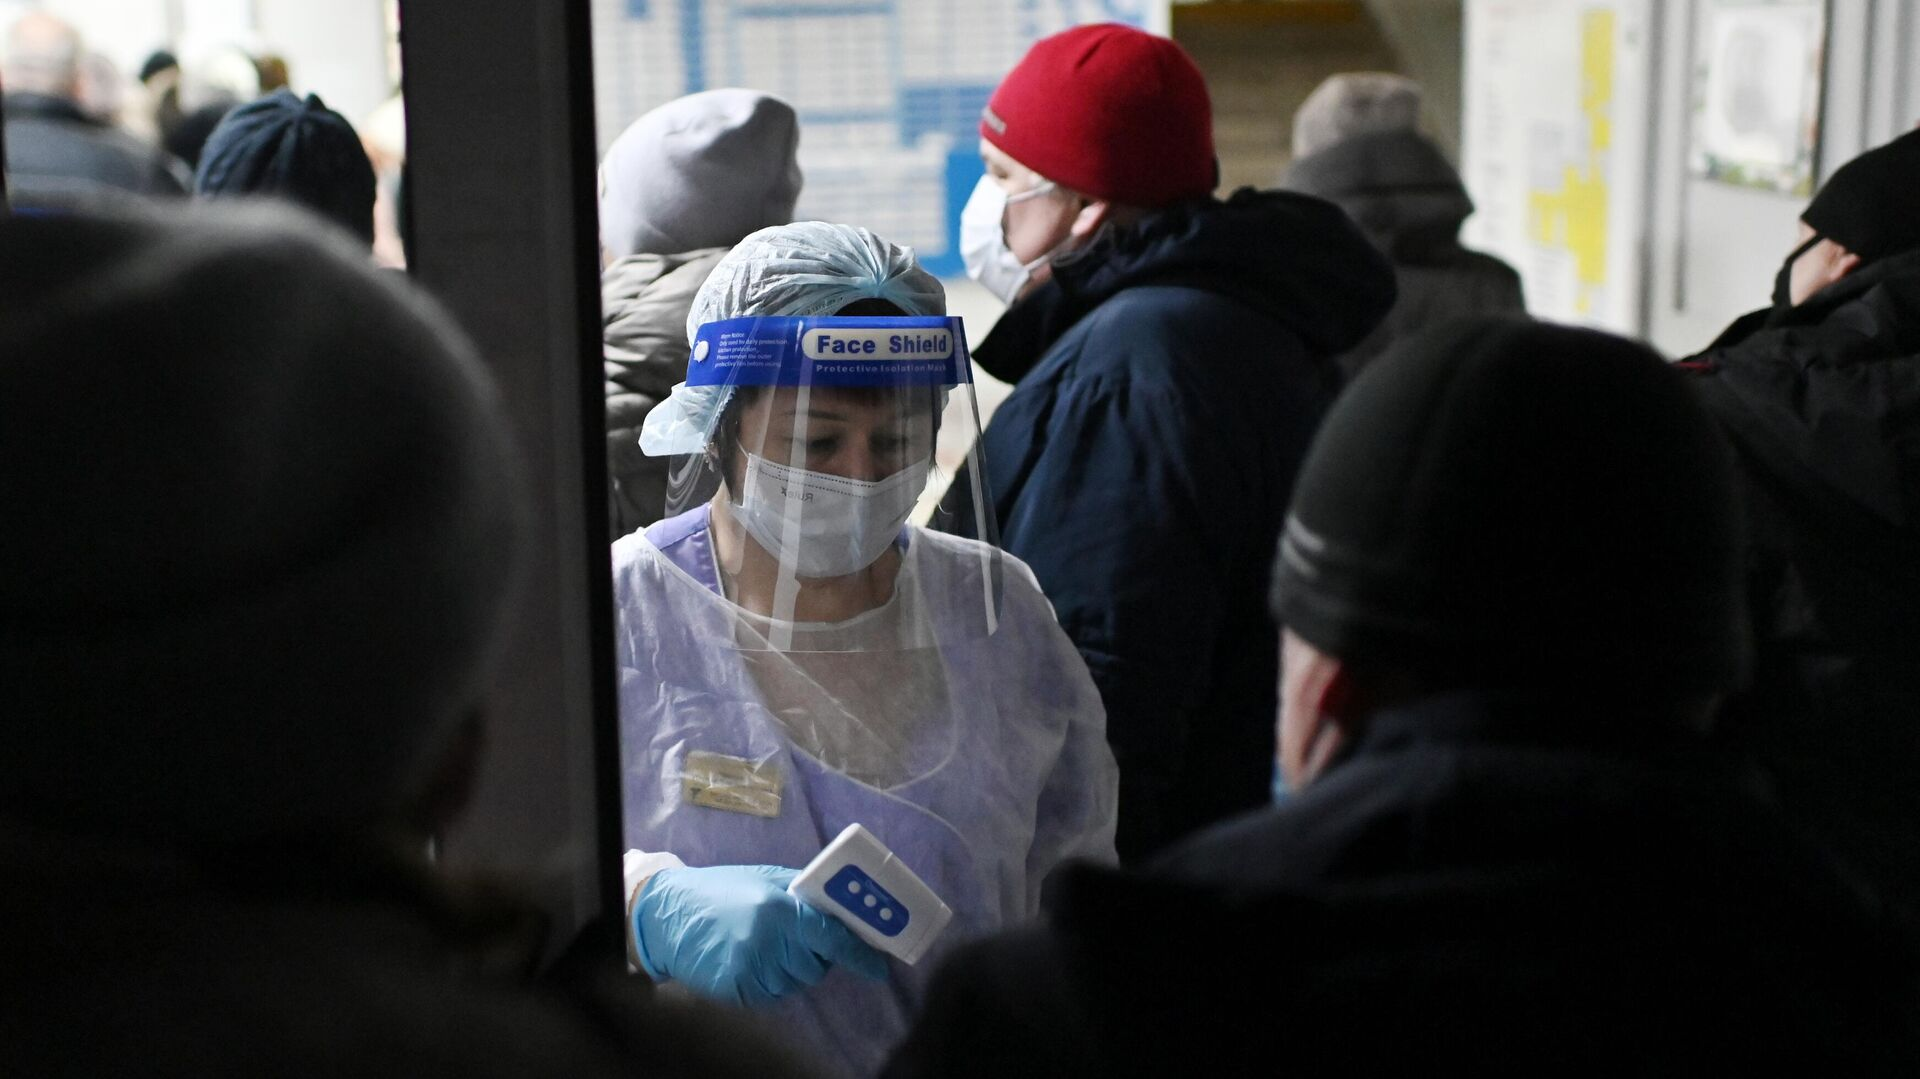 Измерение температуры людям при входе в поликлинике городской больницы №2 в Омске - РИА Новости, 1920, 12.11.2020